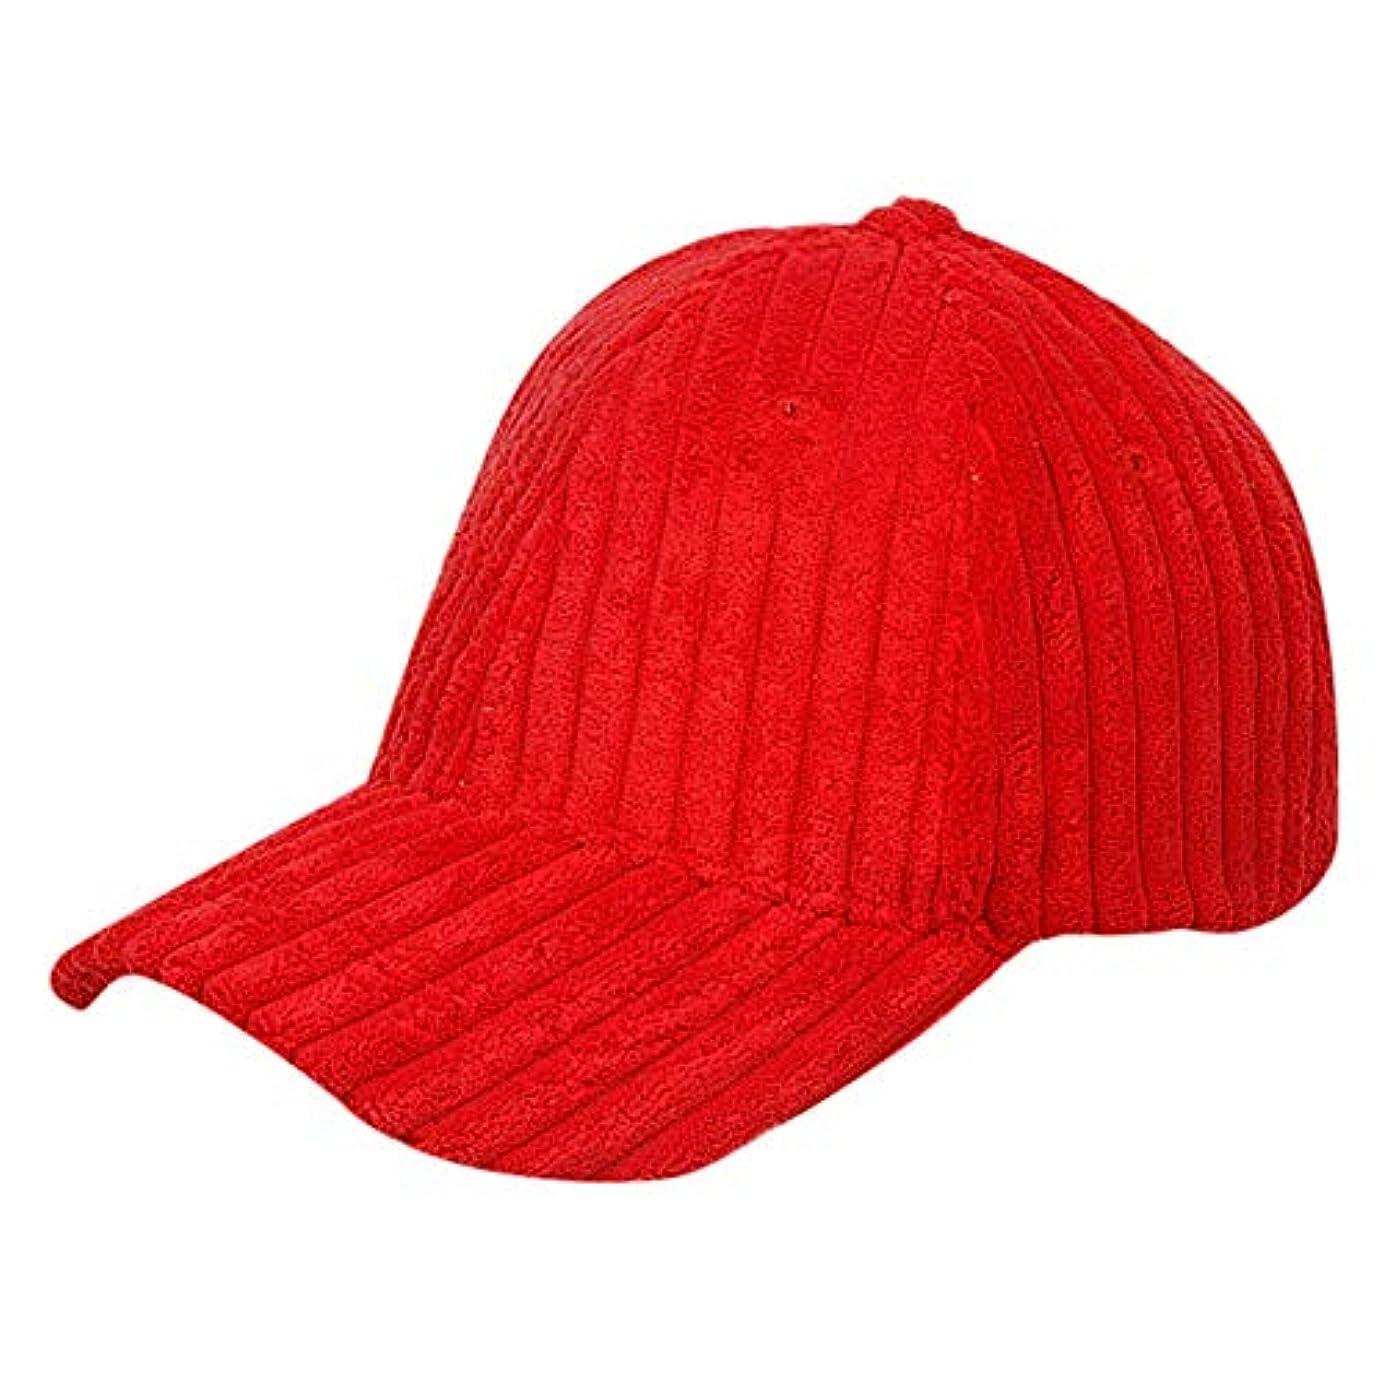 不従順勝つ救いRacazing Cap コーデュロイ 野球帽 迷彩 冬 登山 通気性のある メッシュ 帽子 ベルクロ 可調整可能 ストライプ 刺繍 棒球帽 UV 帽子 軽量 屋外 Unisex Hat (赤)